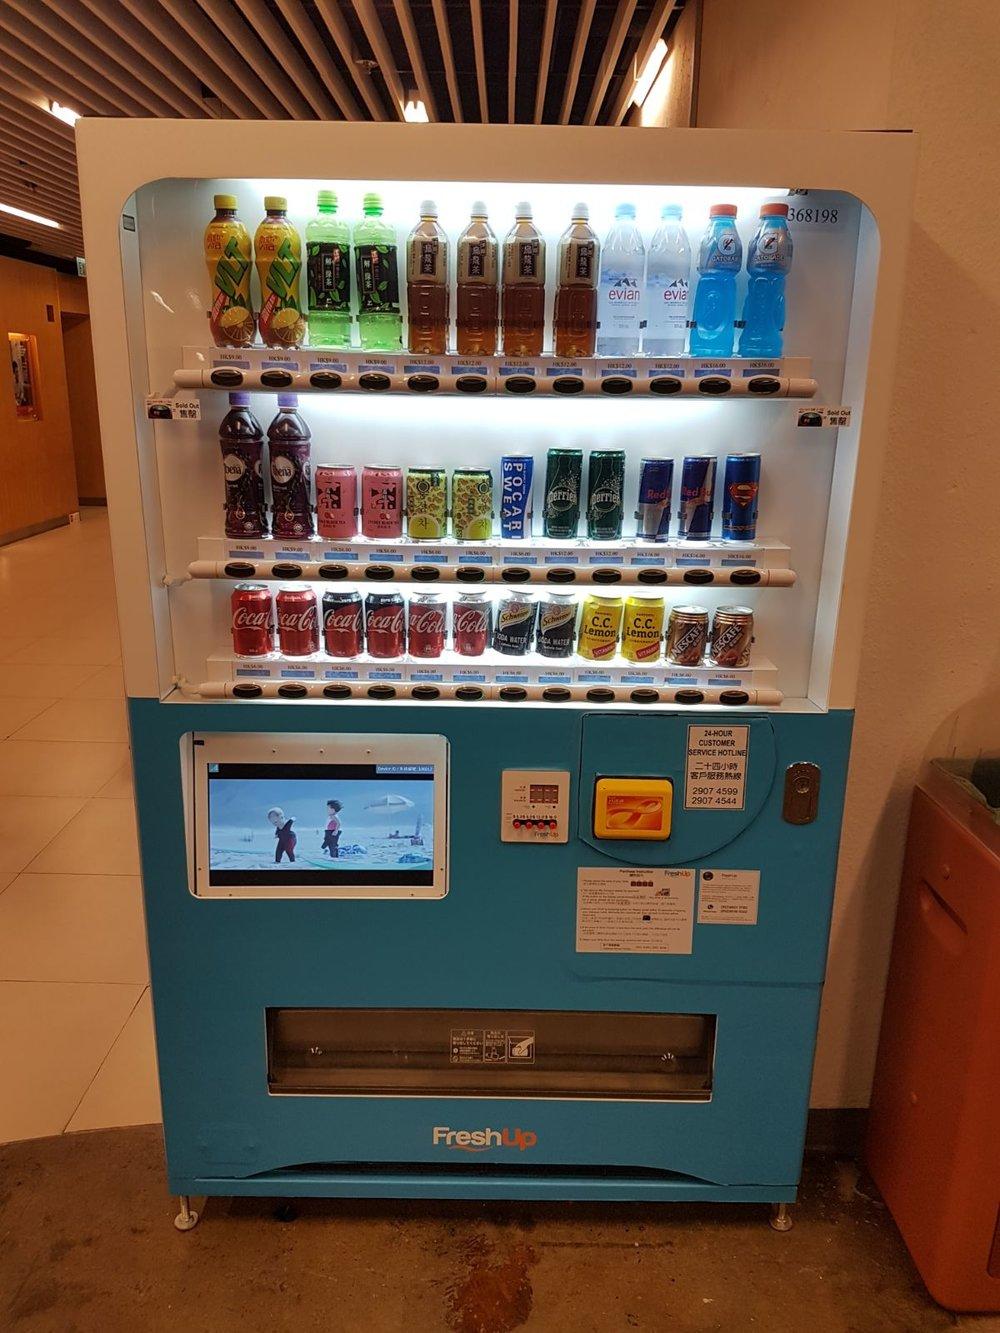 FreshUp,自動售賣機,自動販賣機,零食,飲品,方便,快捷,智能,企業,公司,信任,友邦保險